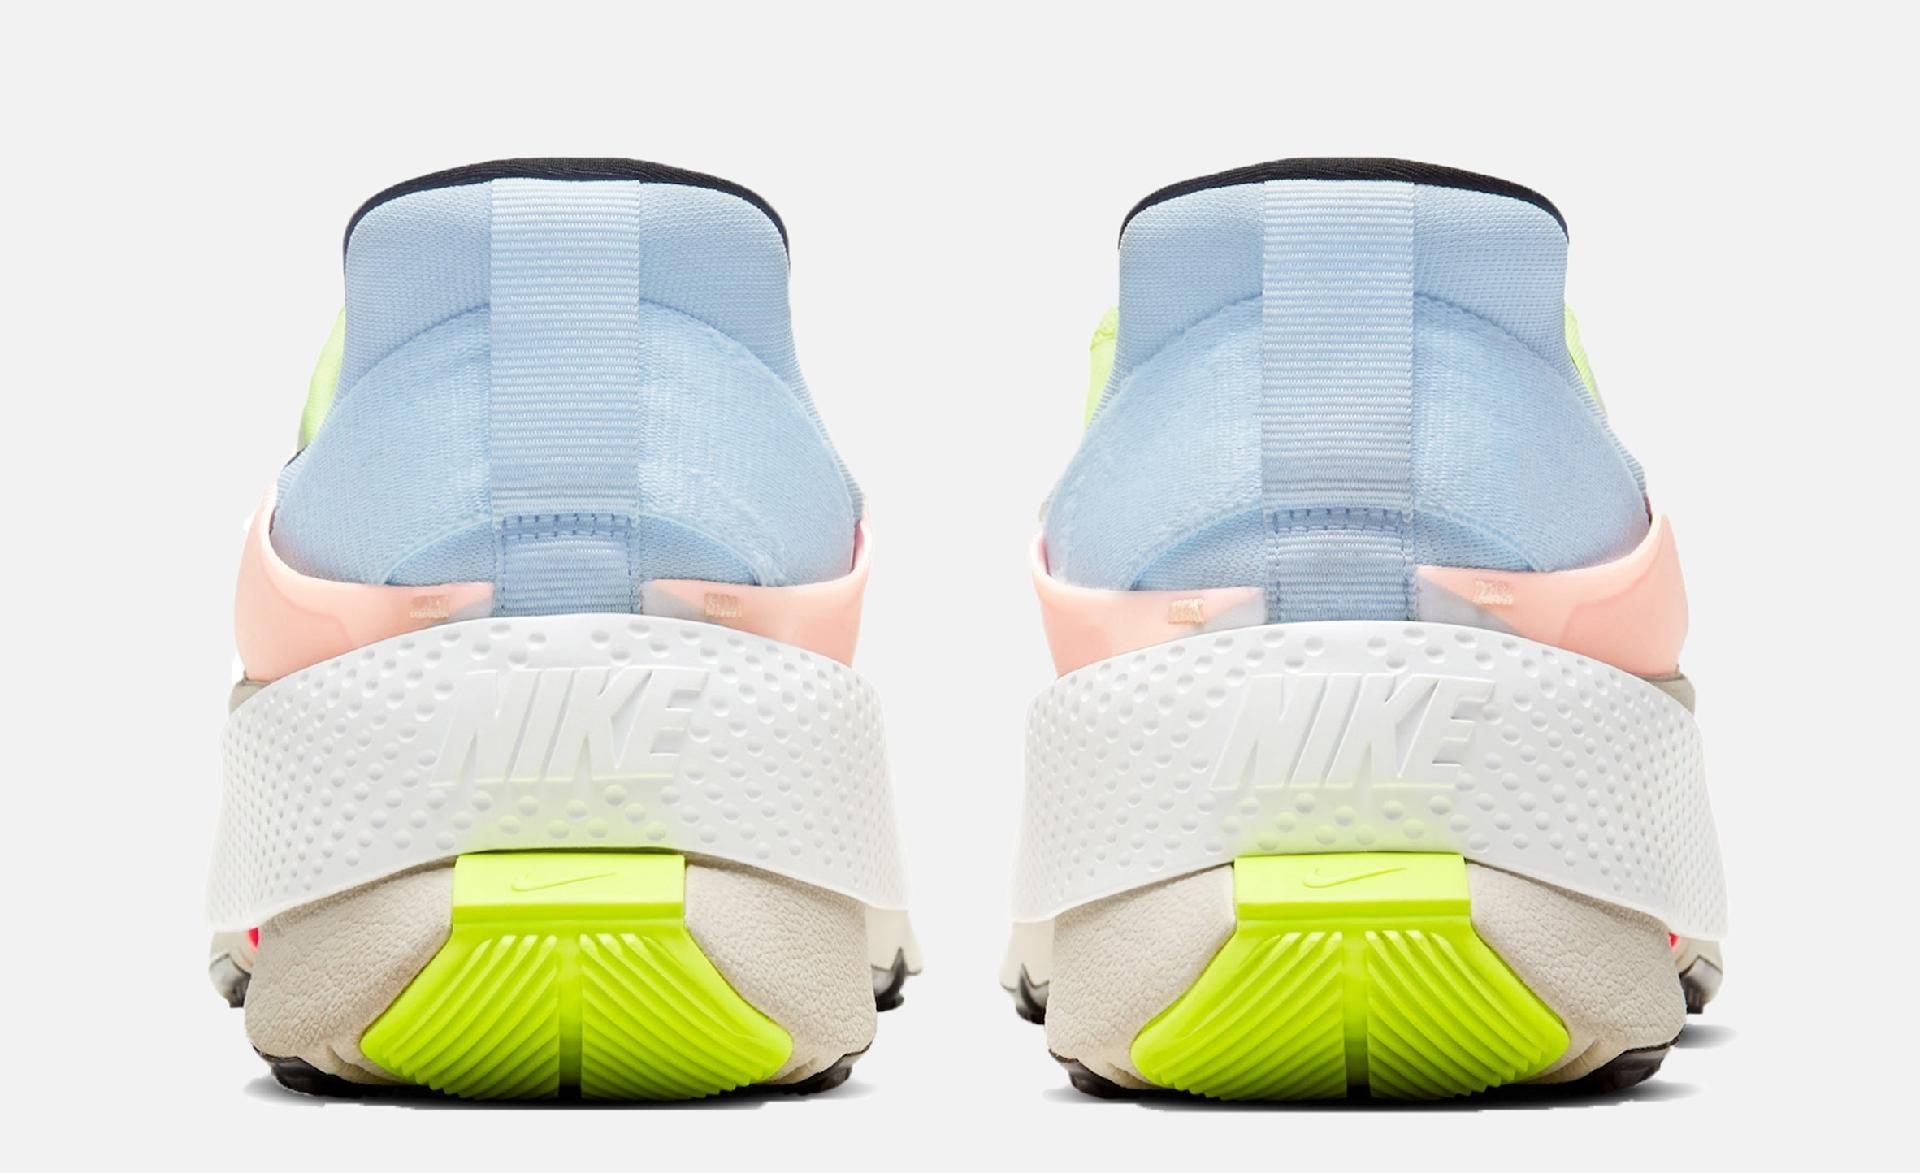 Nike GO FlyEase - Divulgación